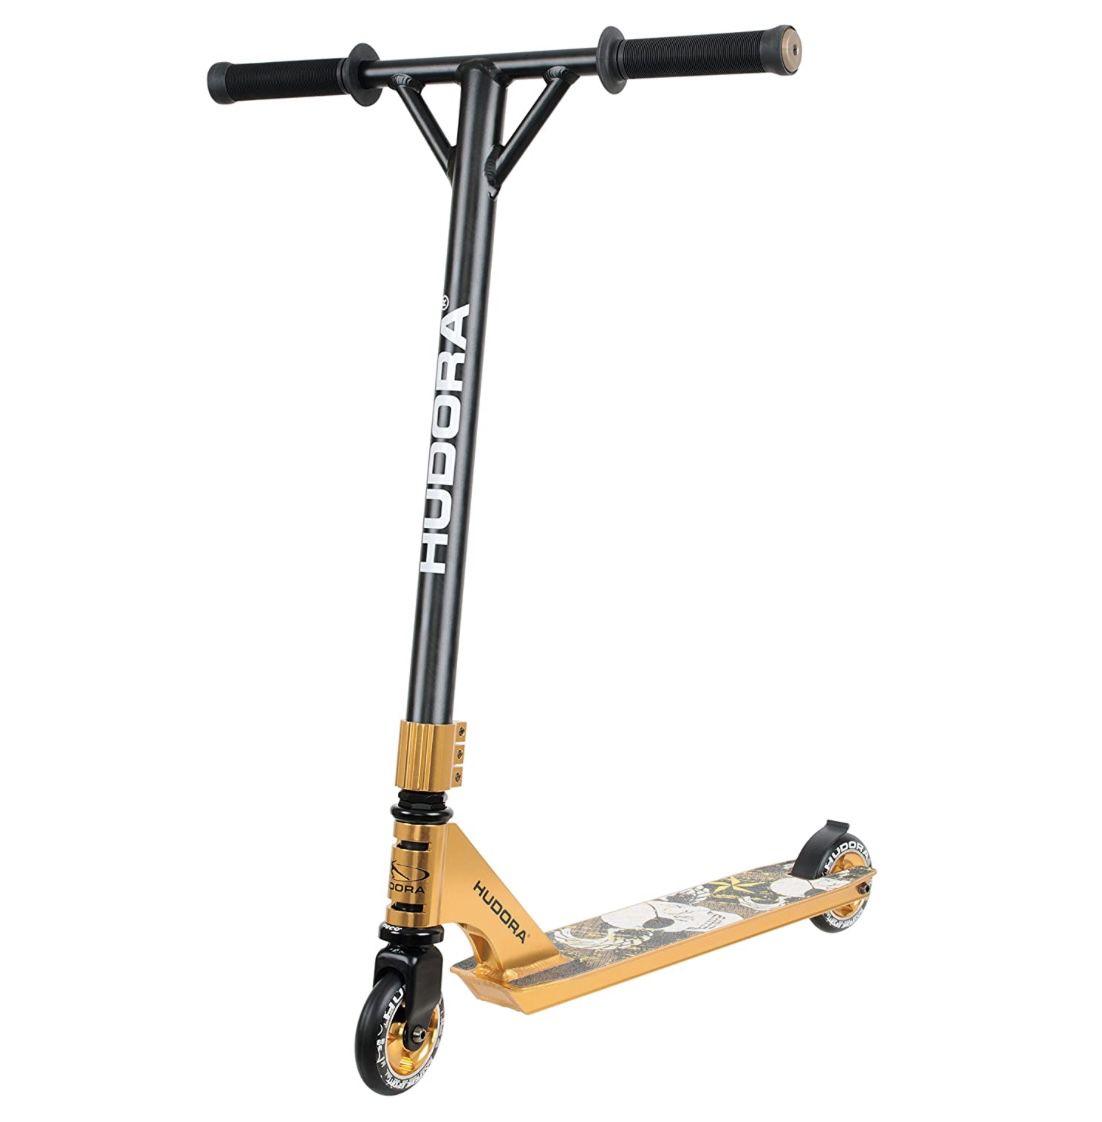 HUDORA 14027 Stunt-Scooter XR-25 in Gold für 61,24€ (statt 79€)